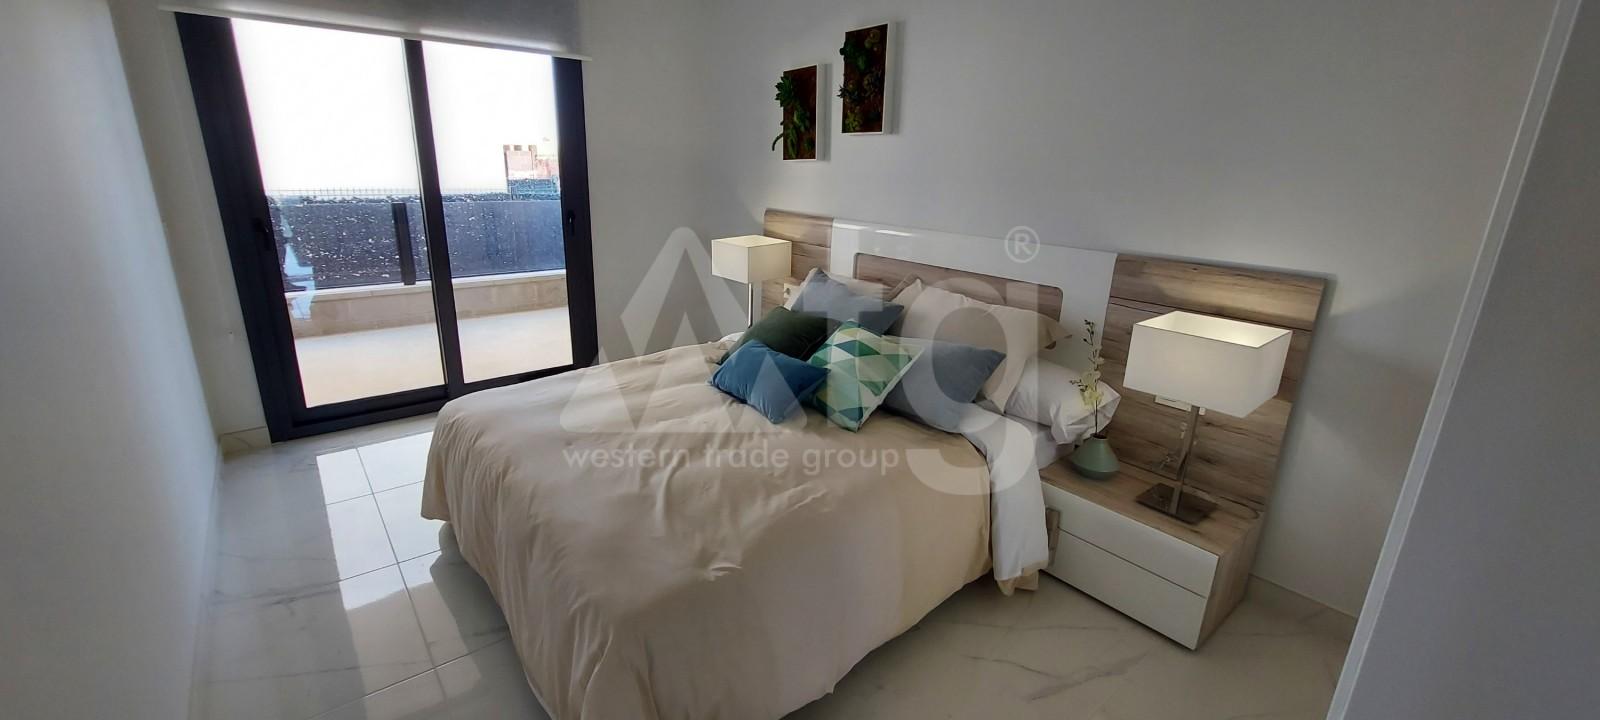 Apartament w Guardamar del Segura, 2 sypialnie  - DI6350 - 16